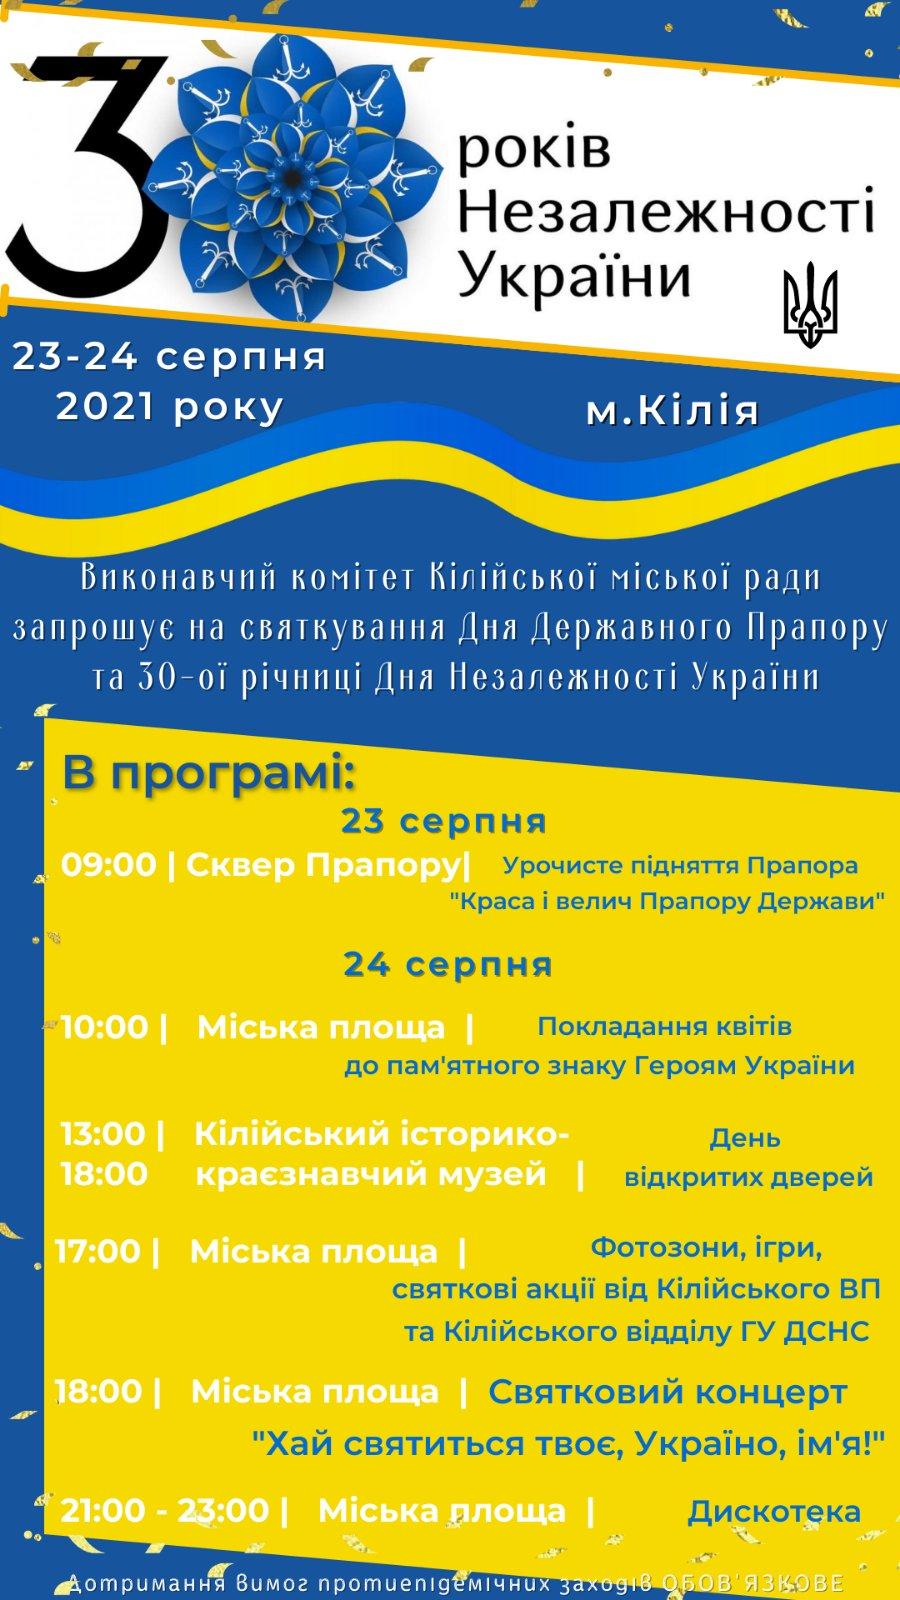 Стало известно, как Килия отпразднует юбилей Независимости Украины